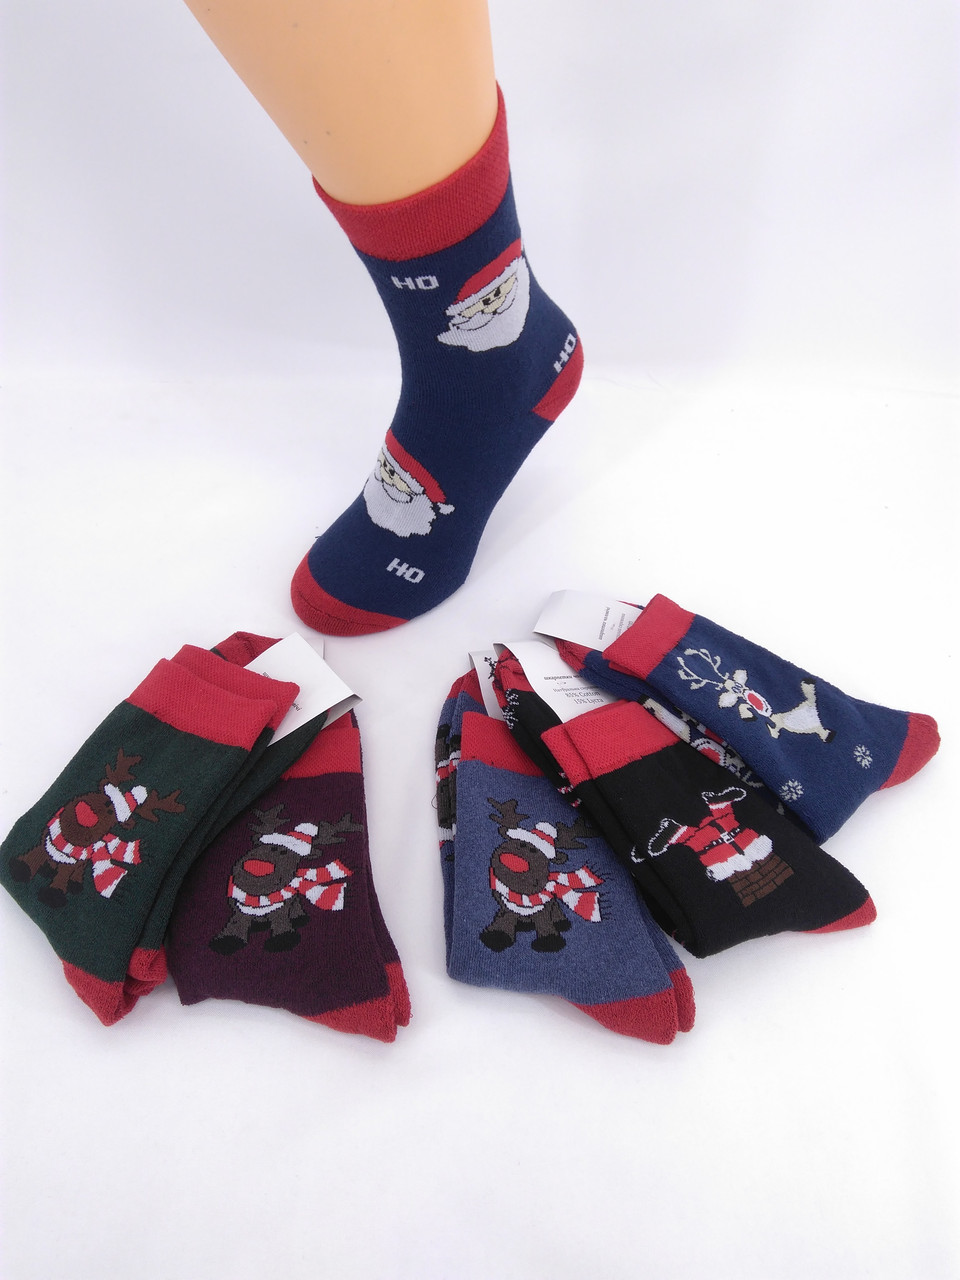 Чоловічі махрові шкарпетки Новорічний мікс 40-46